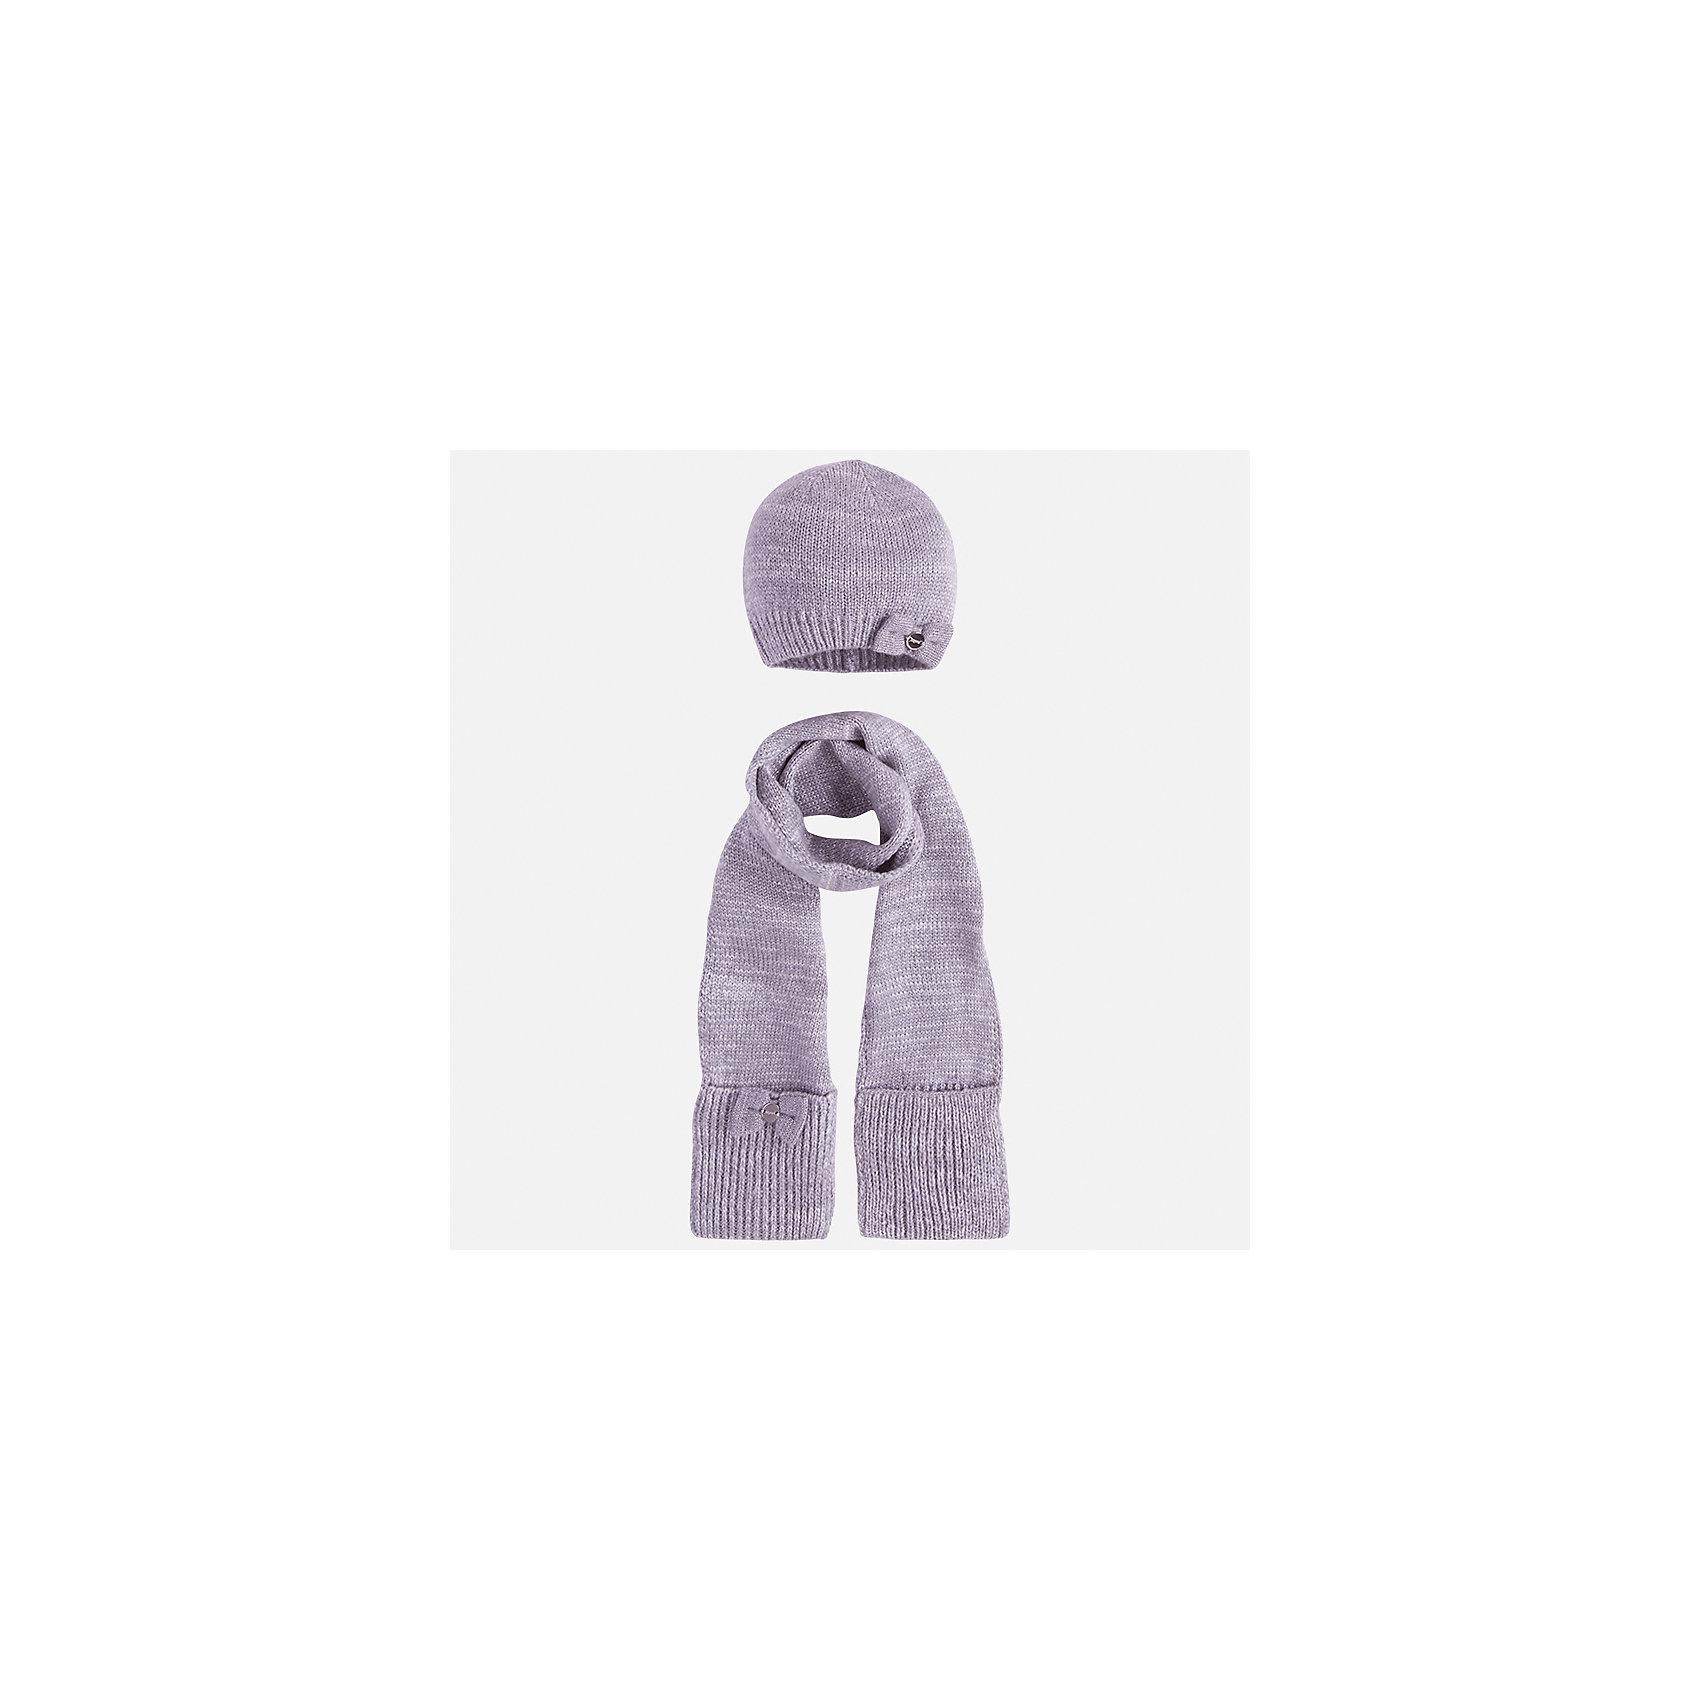 Комплект: шапка и шарф Mayoral для девочкиКомплекты<br>Характеристики товара:<br><br>• цвет: серебристый<br>• состав ткани: 93% акрил, 5% полиамид, 2% металлизированная нить<br>• сезон: демисезон<br>• комплектация: шапка, шарф<br>• страна бренда: Испания<br>• страна изготовитель: Индия<br><br>Этот стильный серебристый набор поможет обеспечить ребенку тепло и комфорт. Детский комплект для межсезонья от бренда Майорал смотрится модно и оригинально.<br><br>Детская одежда от испанской компании Mayoral отличаются оригинальным и всегда стильным дизайном. Качество продукции неизменно очень высокое.<br><br>Комплект: шапка и шарф для девочки Mayoral (Майорал) можно купить в нашем интернет-магазине.<br><br>Ширина мм: 89<br>Глубина мм: 117<br>Высота мм: 44<br>Вес г: 155<br>Цвет: серебряный<br>Возраст от месяцев: 72<br>Возраст до месяцев: 84<br>Пол: Женский<br>Возраст: Детский<br>Размер: 54,50,52<br>SKU: 6925667